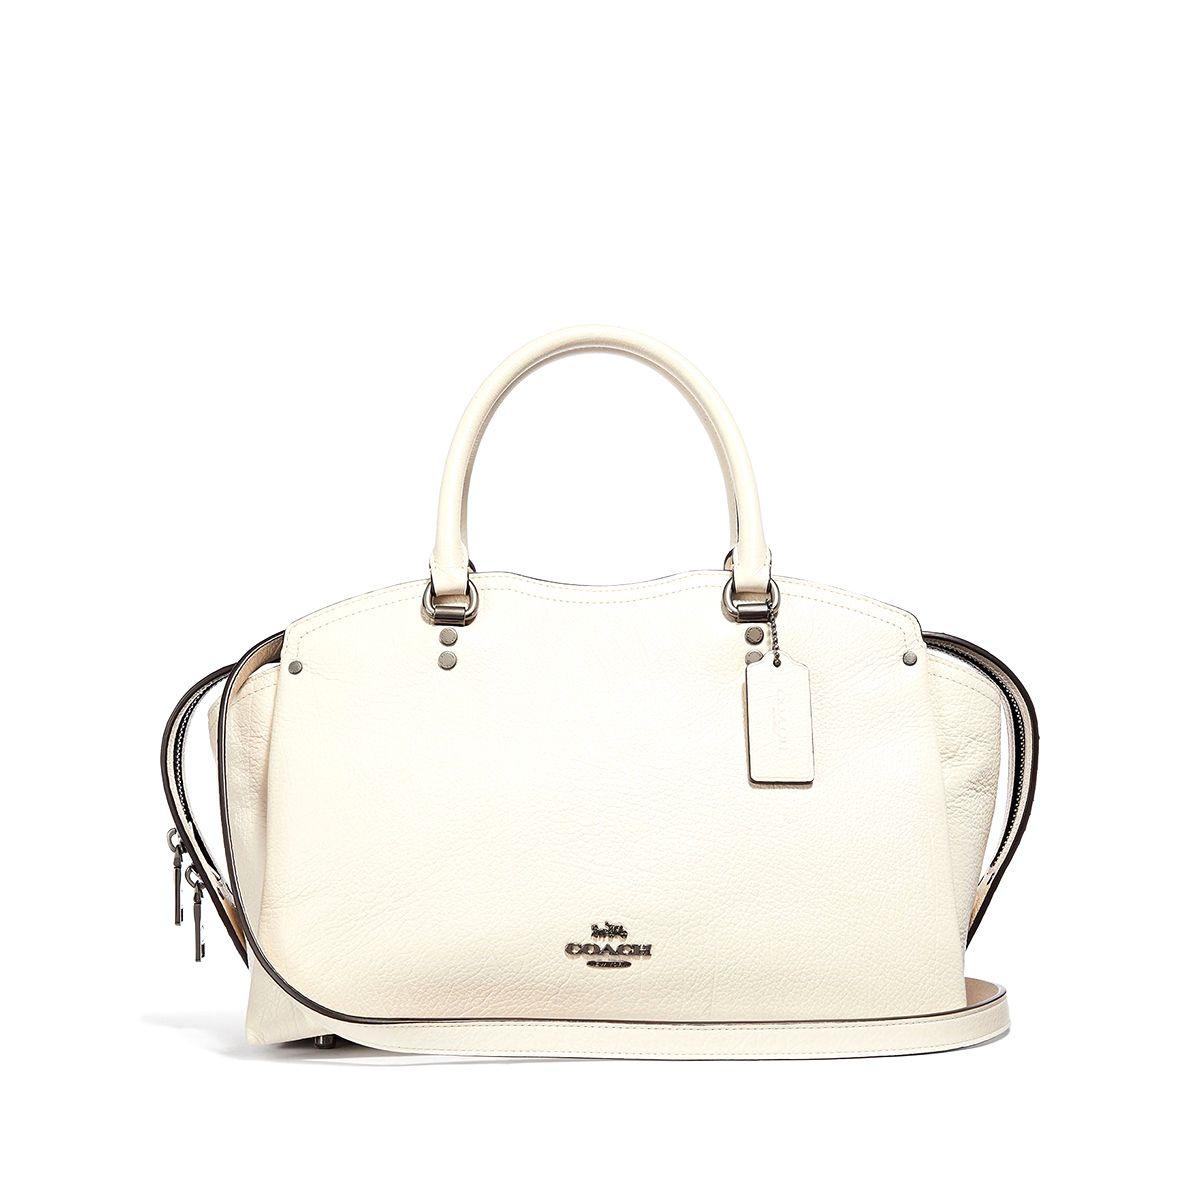 526b56ca3e1d COACH - Designer Handbags   Accessories - Macy s